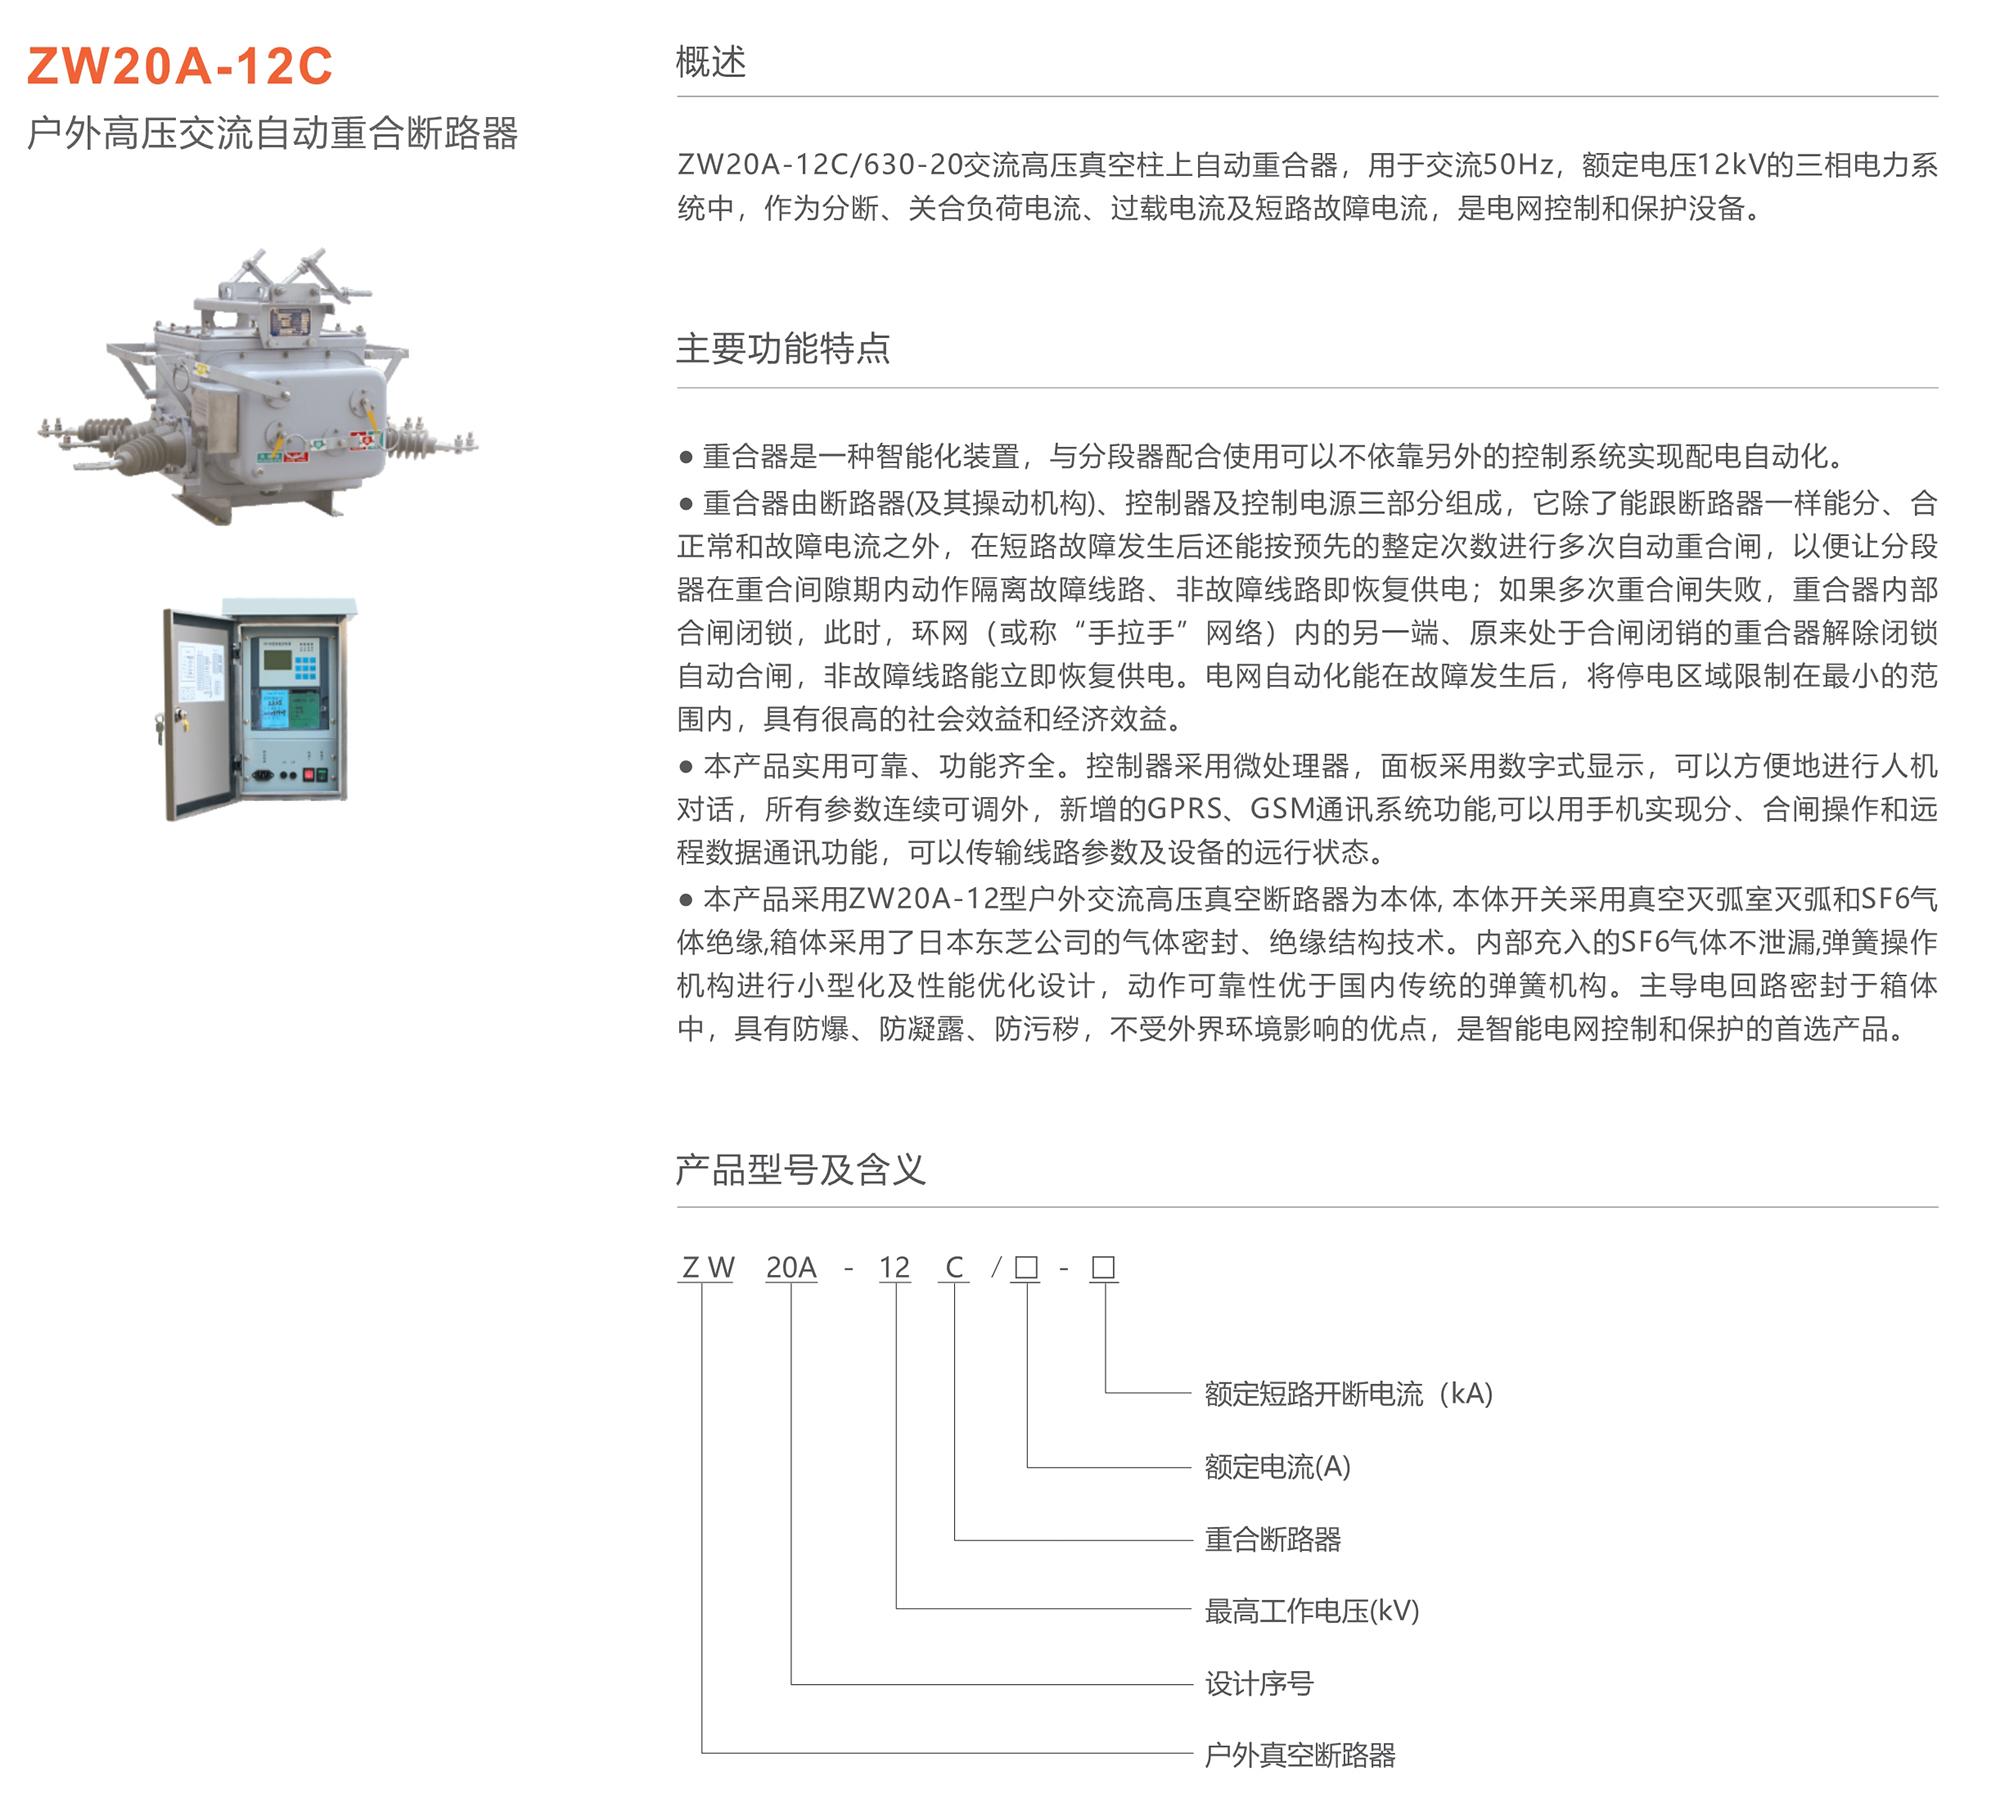 人民电器 ZW20A-12C户外高压交流自动重合断路器